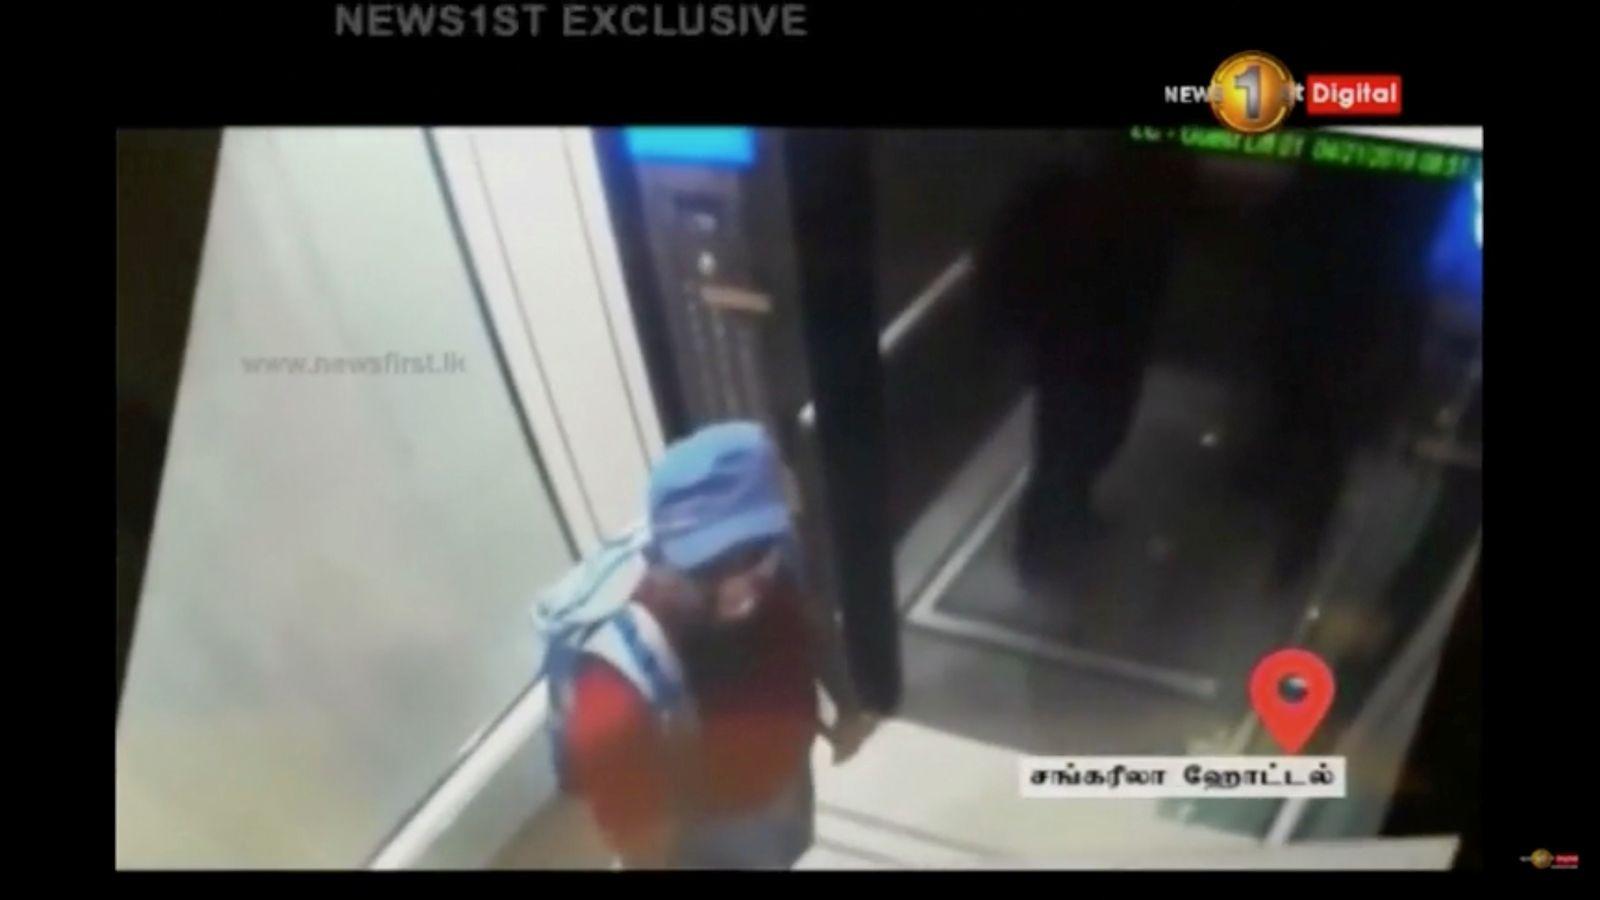 Shangri la Sri Lanka Attentäter CCTV